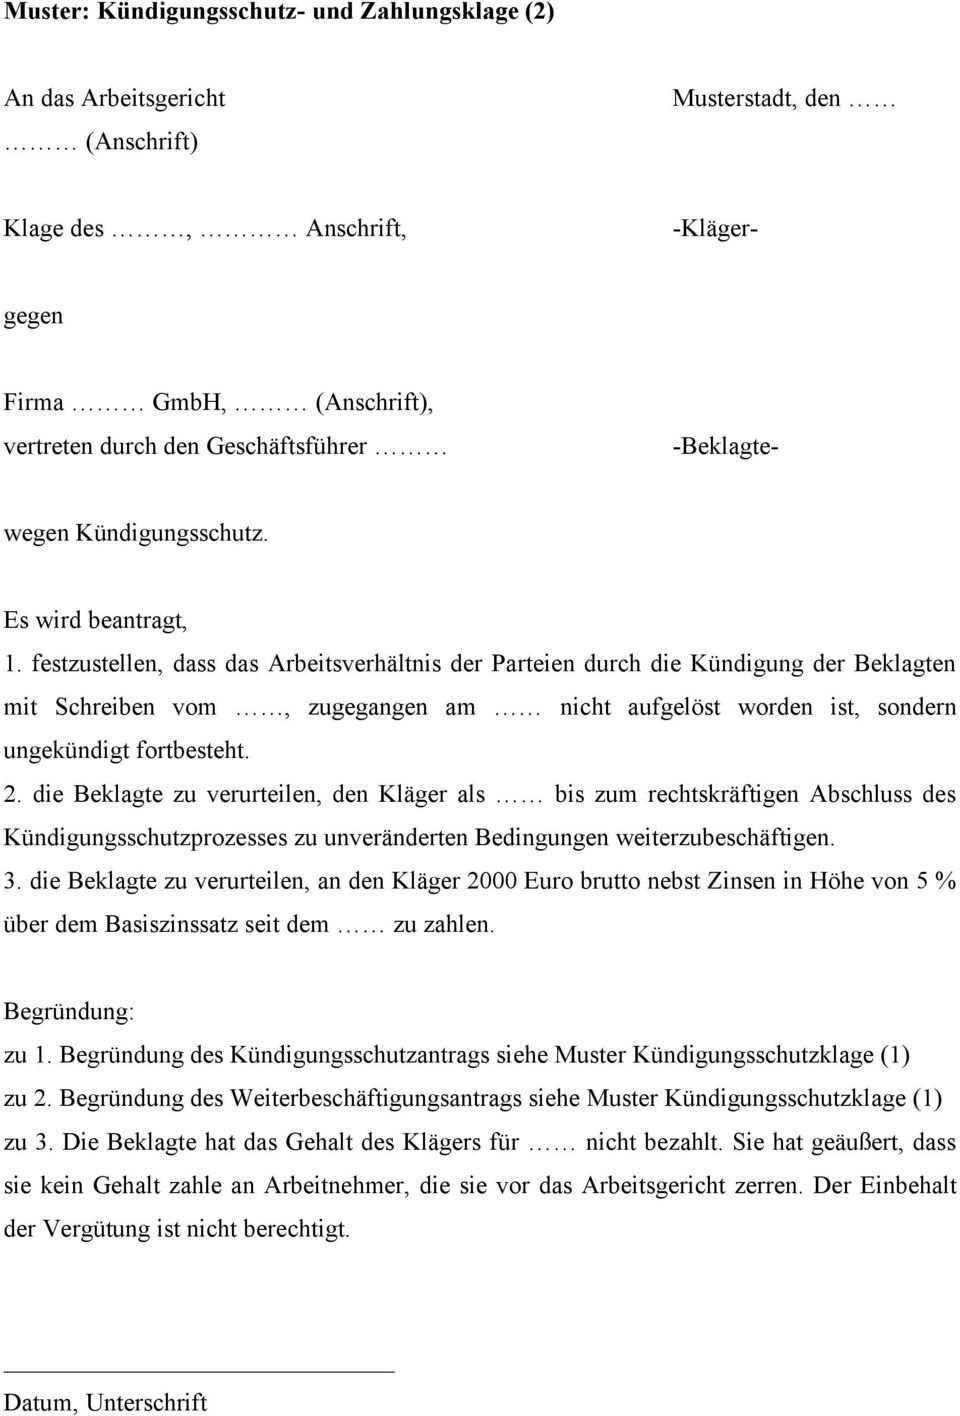 Firma Gmbh Anschrift Vertreten Durch Den Geschaftsfuhrer Beklagte Pdf Kostenfreier Download